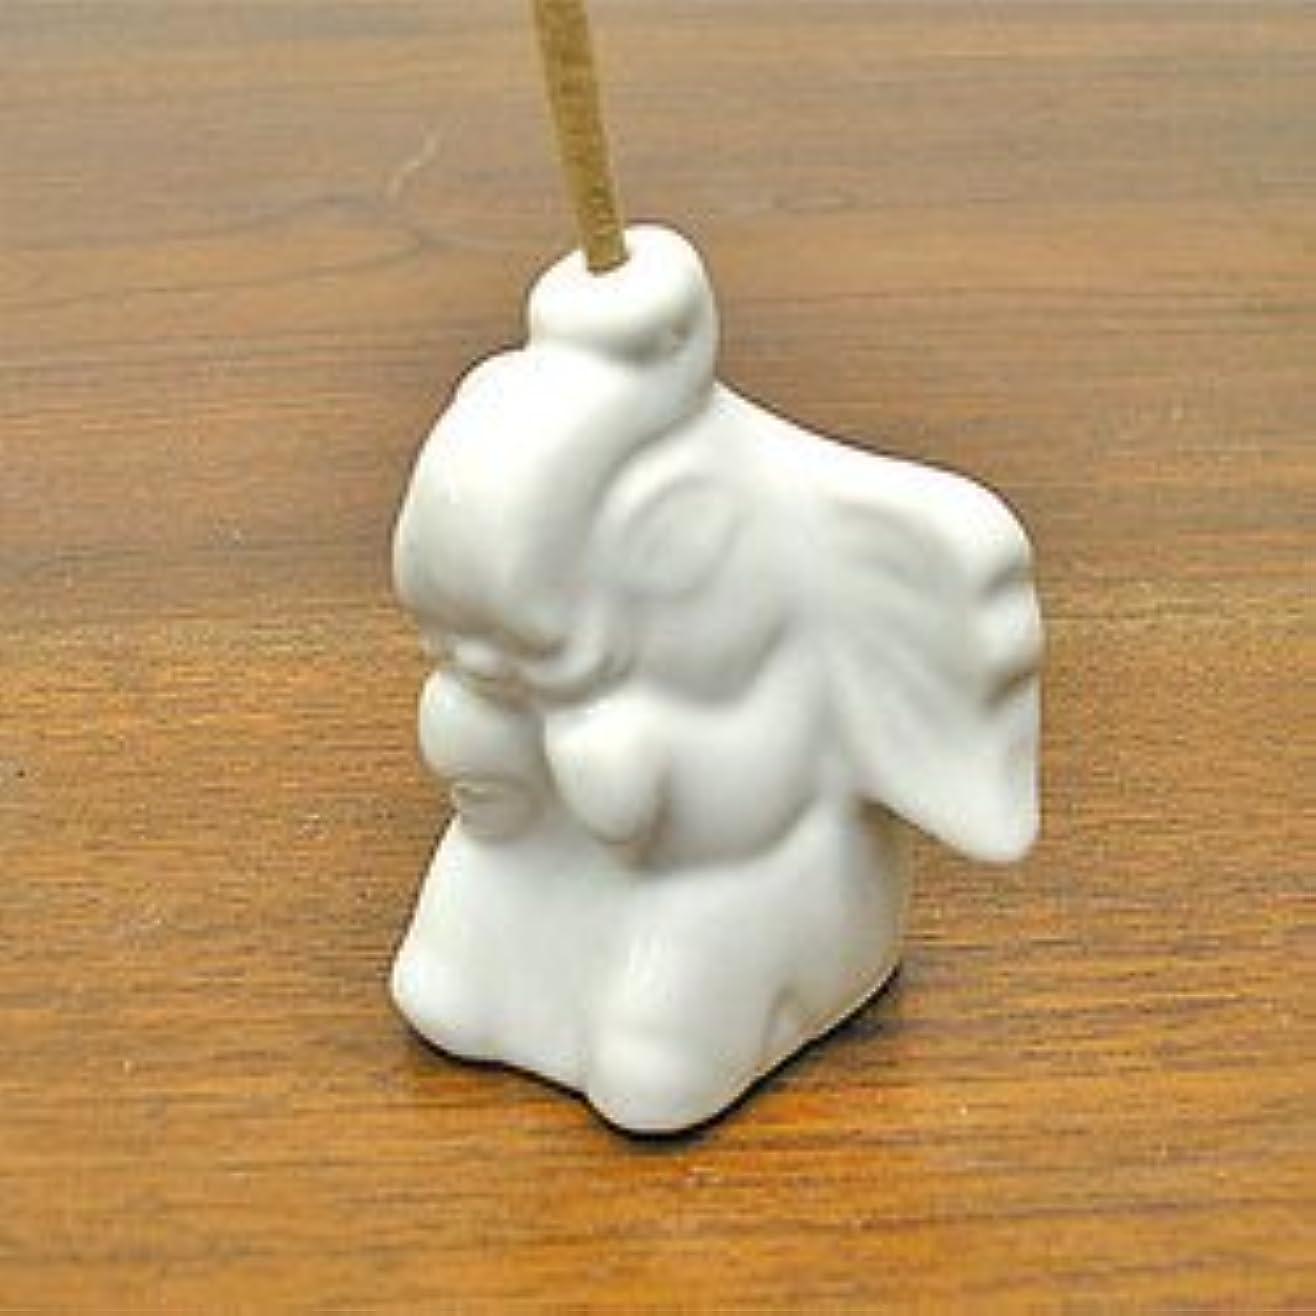 スポット水没メルボルン象さんのお香立て <白> インセンスホルダー/スティックタイプ用お香立て?お香たて アジアン雑貨